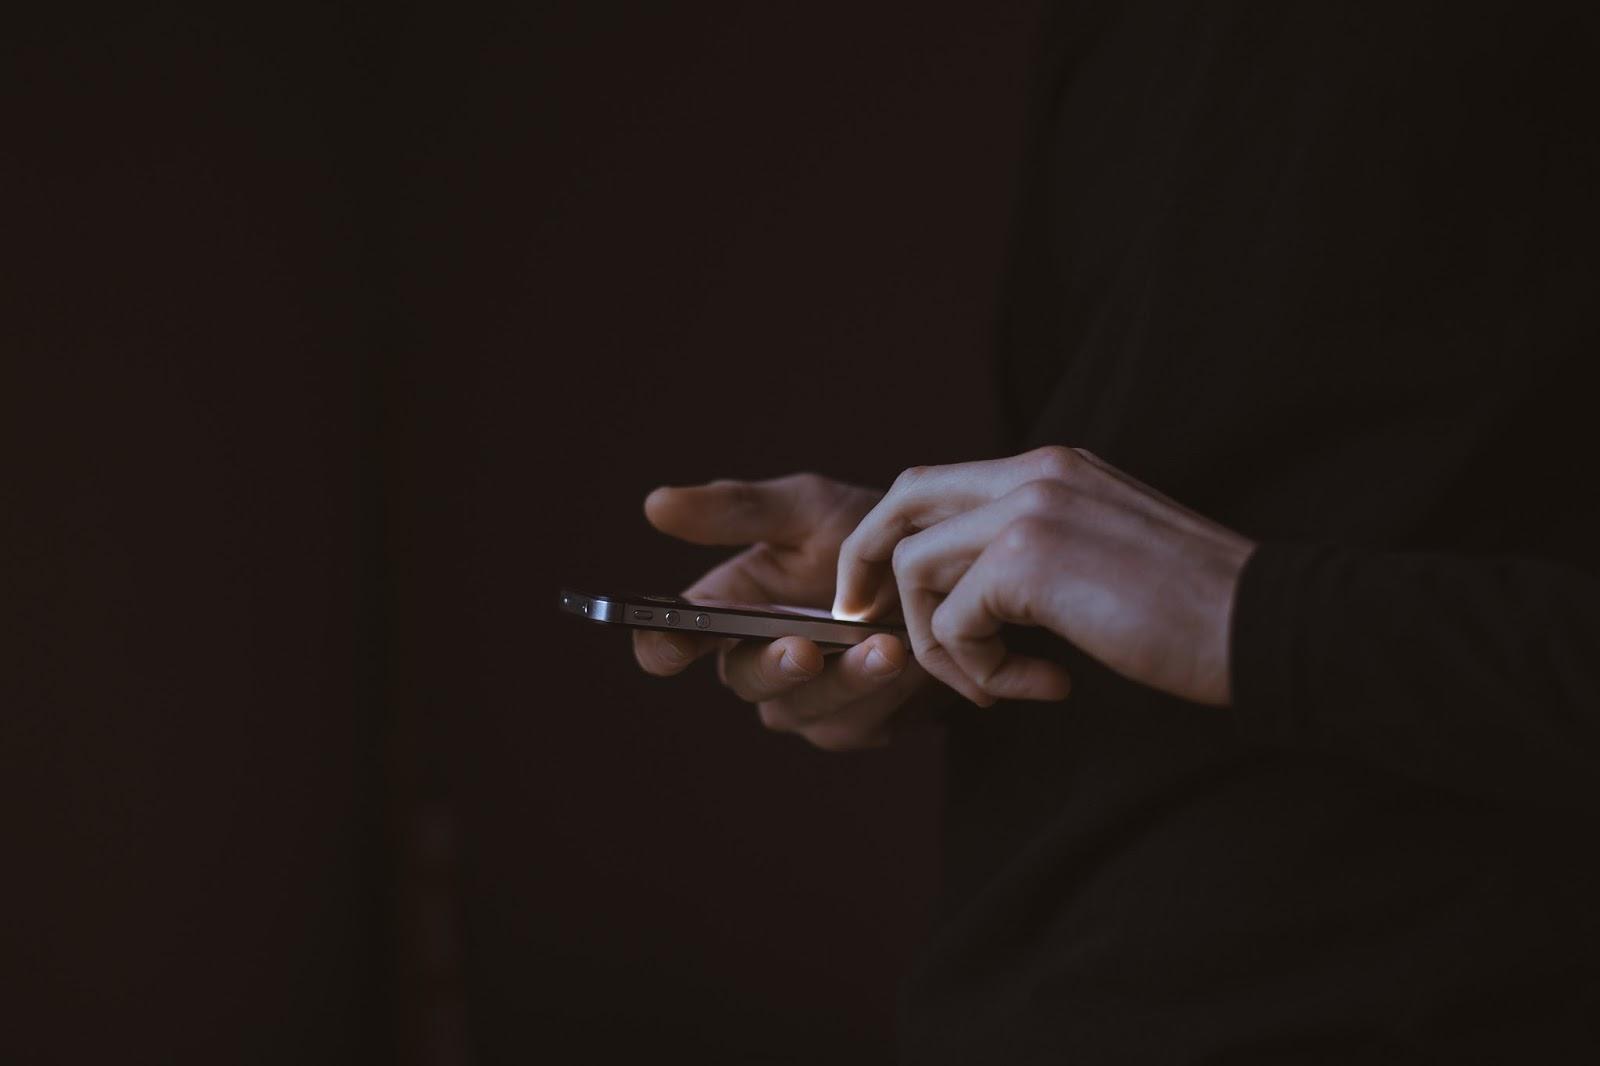 SMS Pertama di Dunia Dikirim 25 Tahun Lalu, Apa Isi Pesannya?